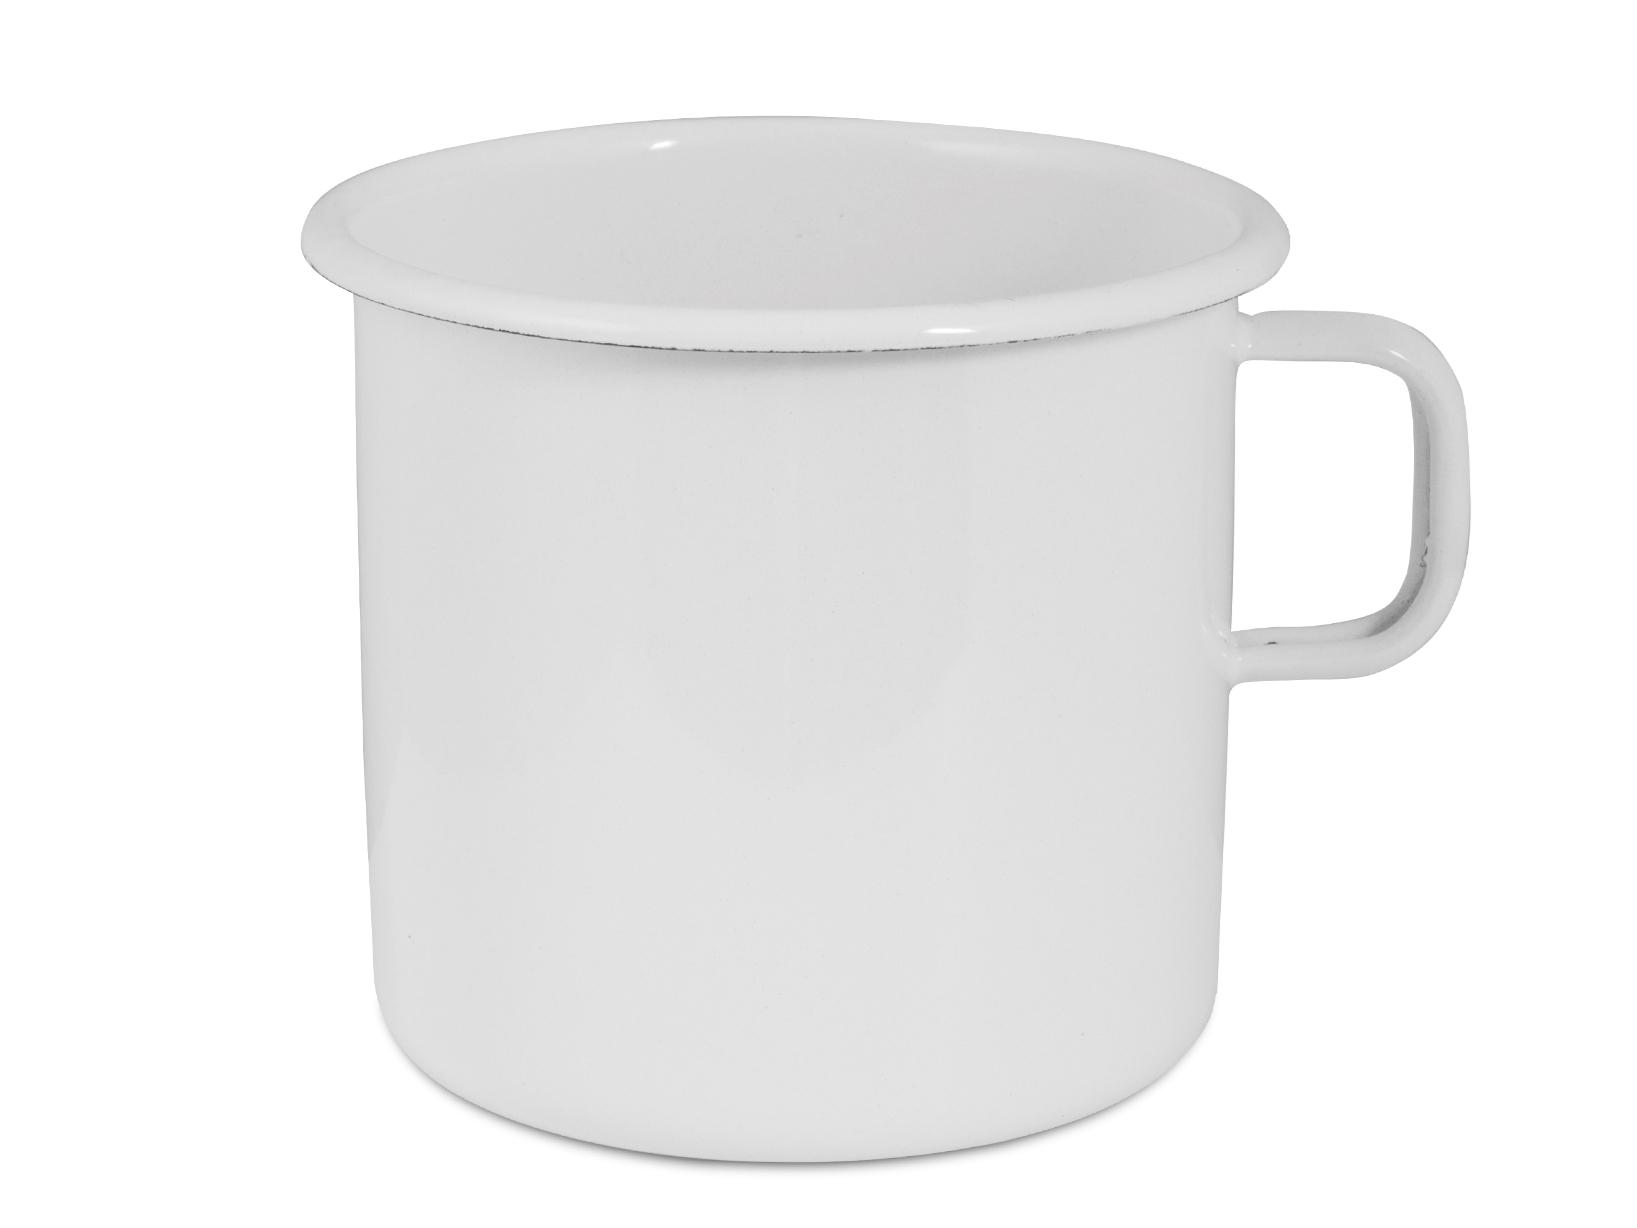 Pignatto Smalto Senza Bordo Bianco Latte Cm 12